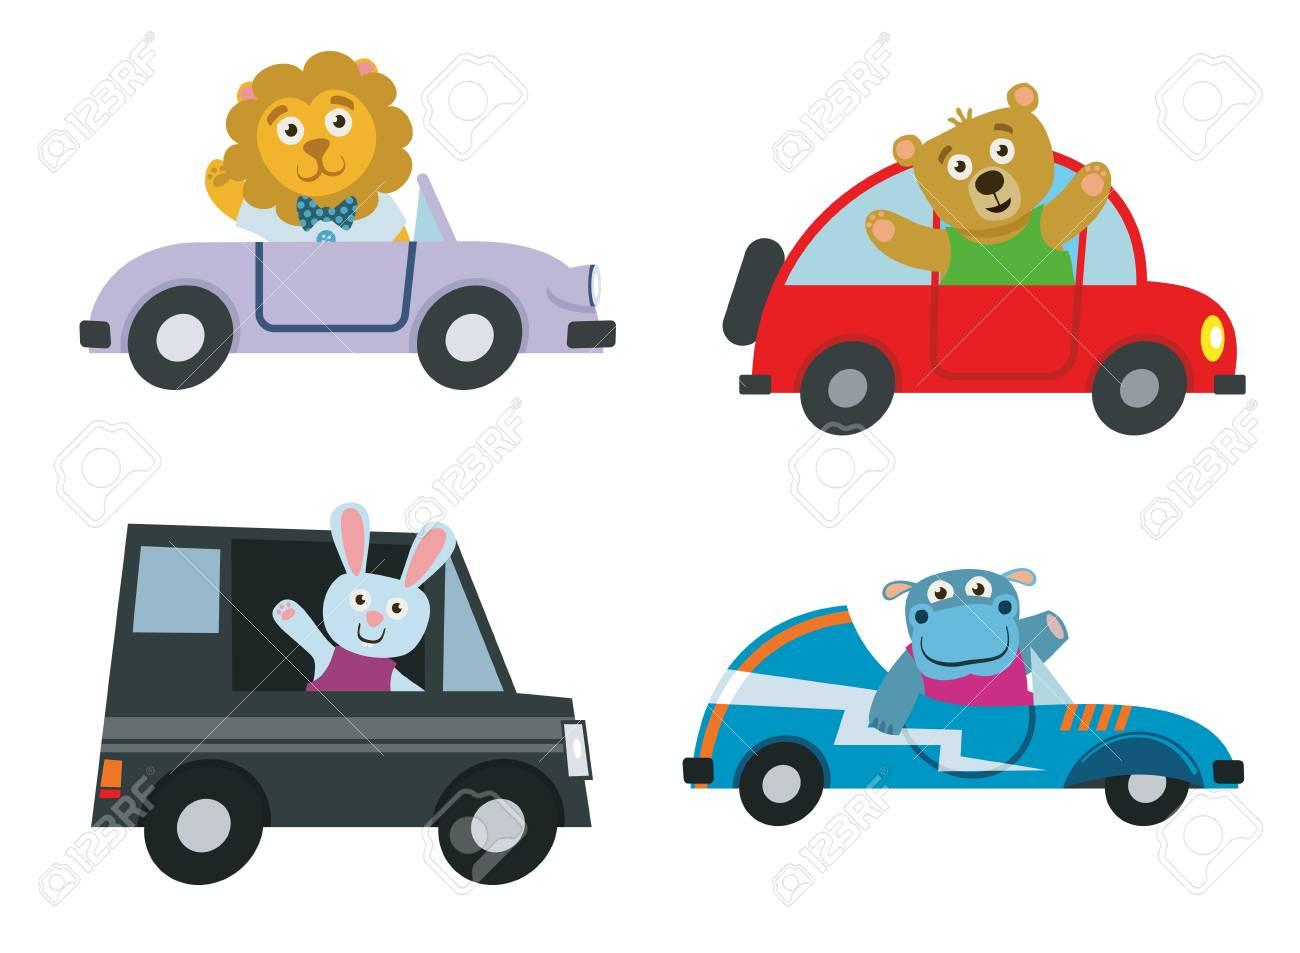 かわいい漫画の動物のベクトルのセットと子供車輸送。文字ライオン、カバ